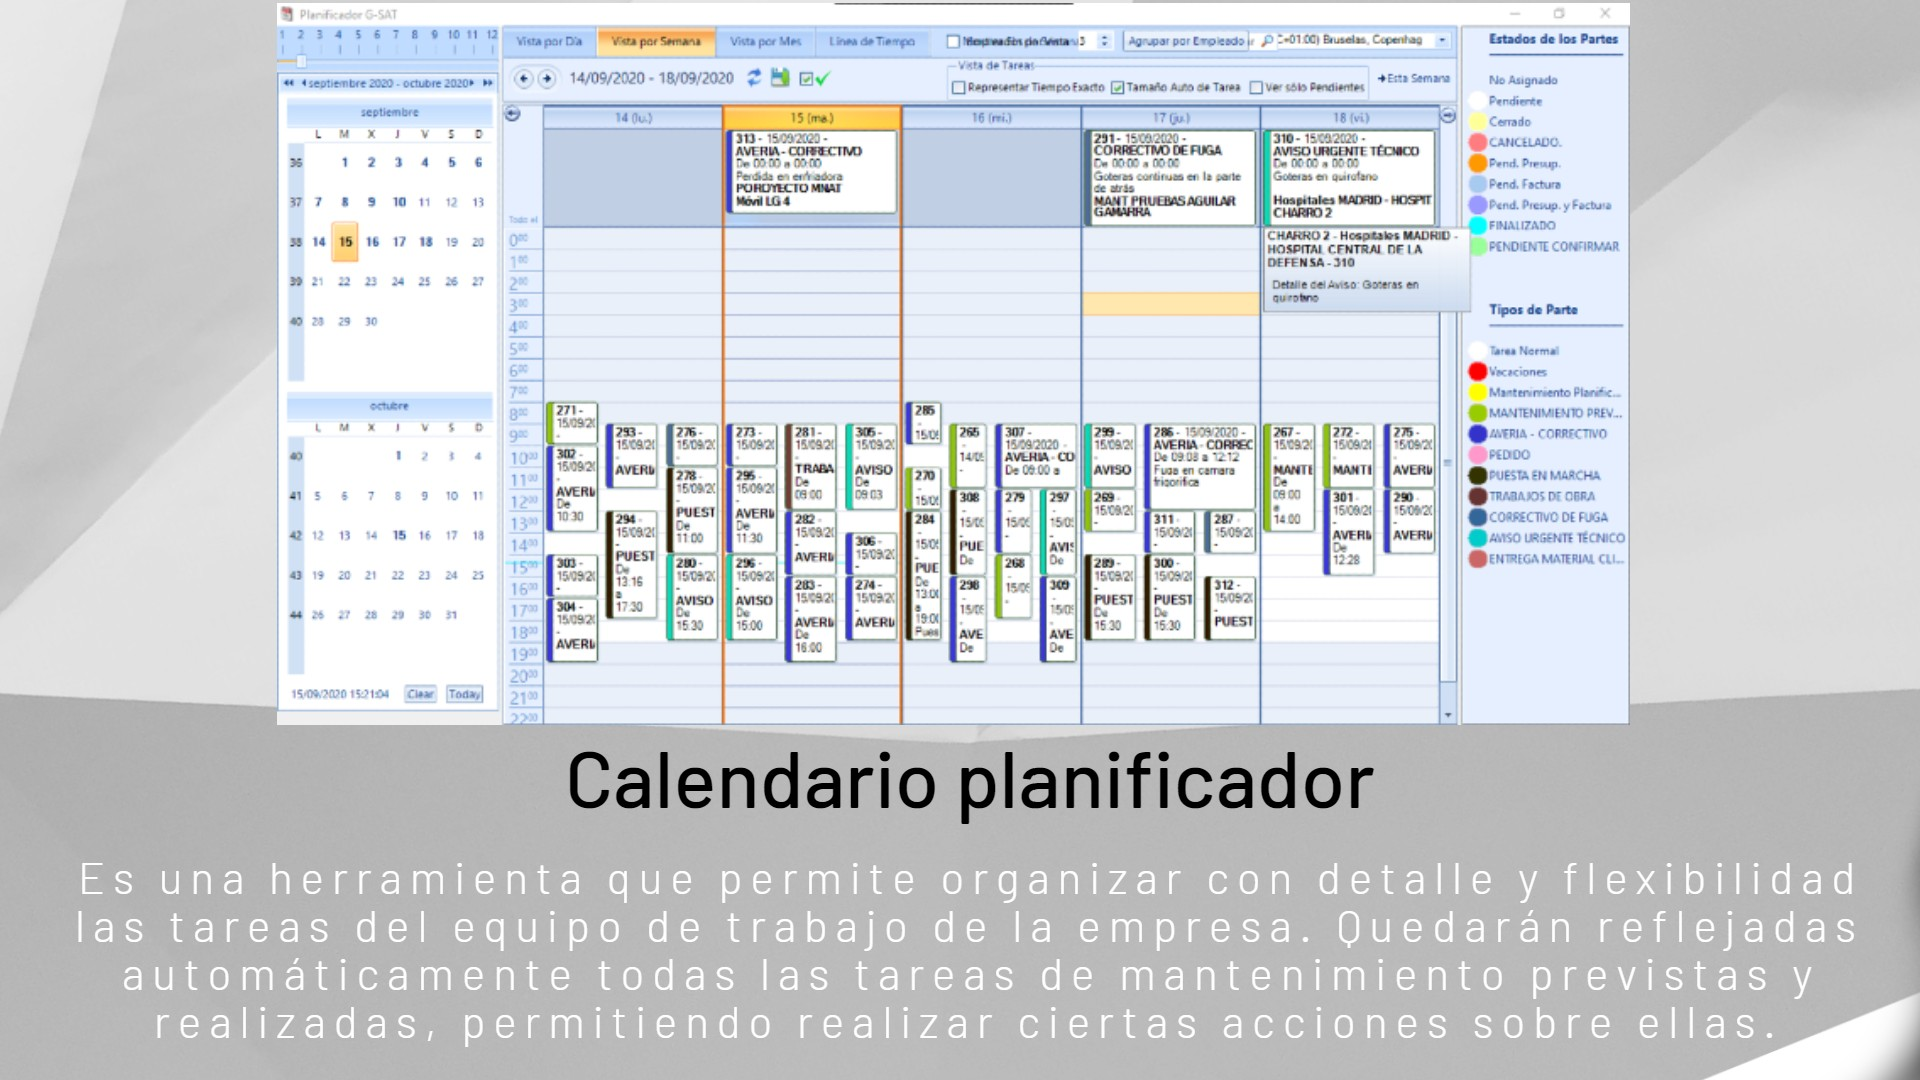 Calendario planificador fondo textura